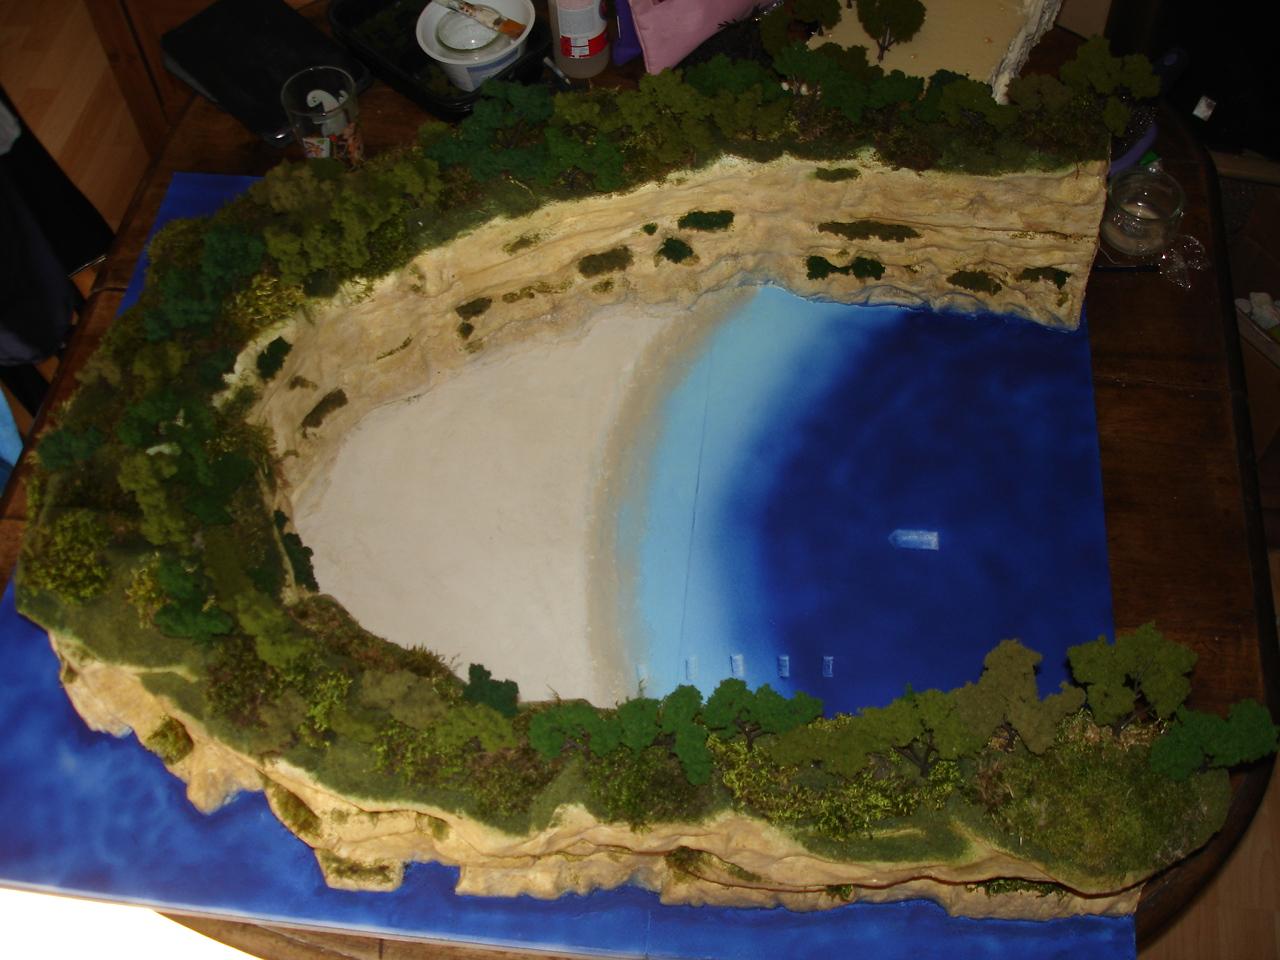 La plage : l'effet sable est fait avec de la pâte à bois, un dégradé est réalisé pour le rivage